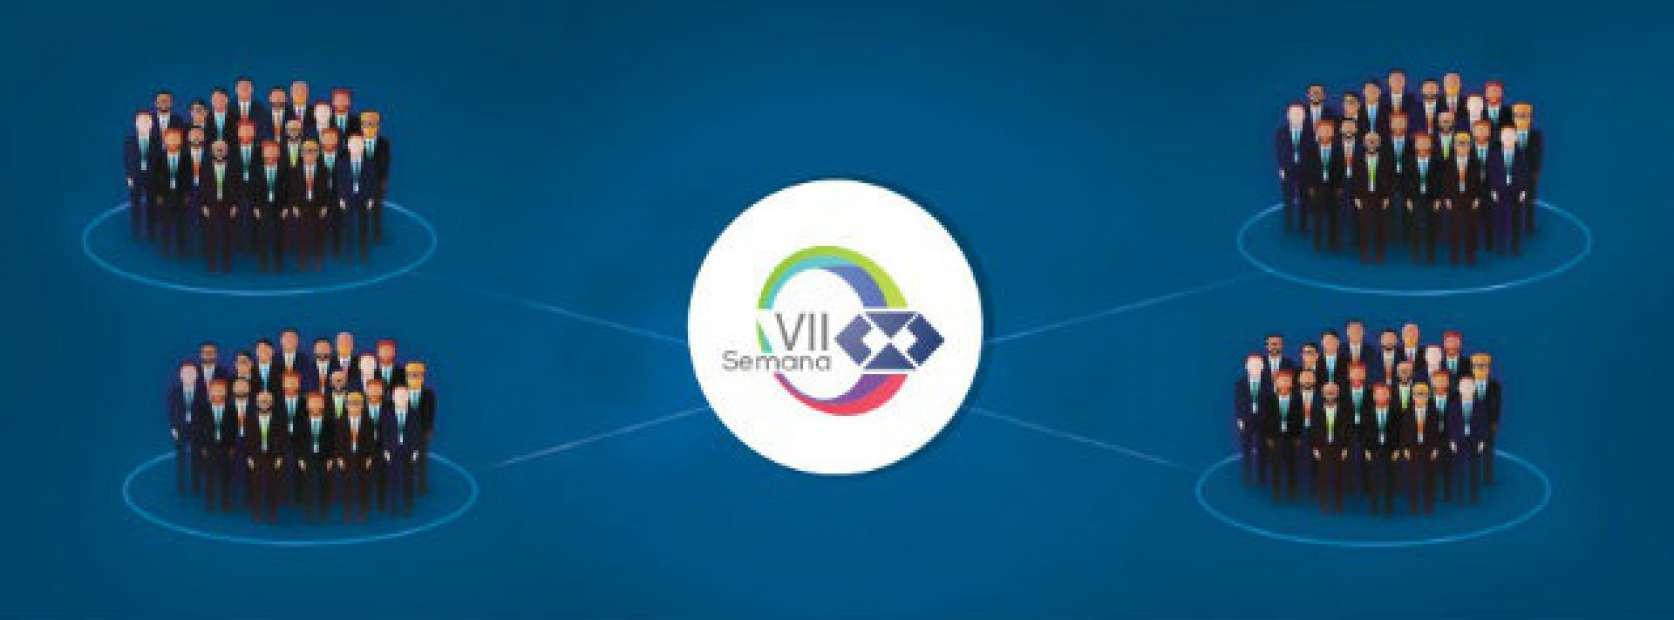 Evento de Administração receberá grandes nomes do mercado brasileiro